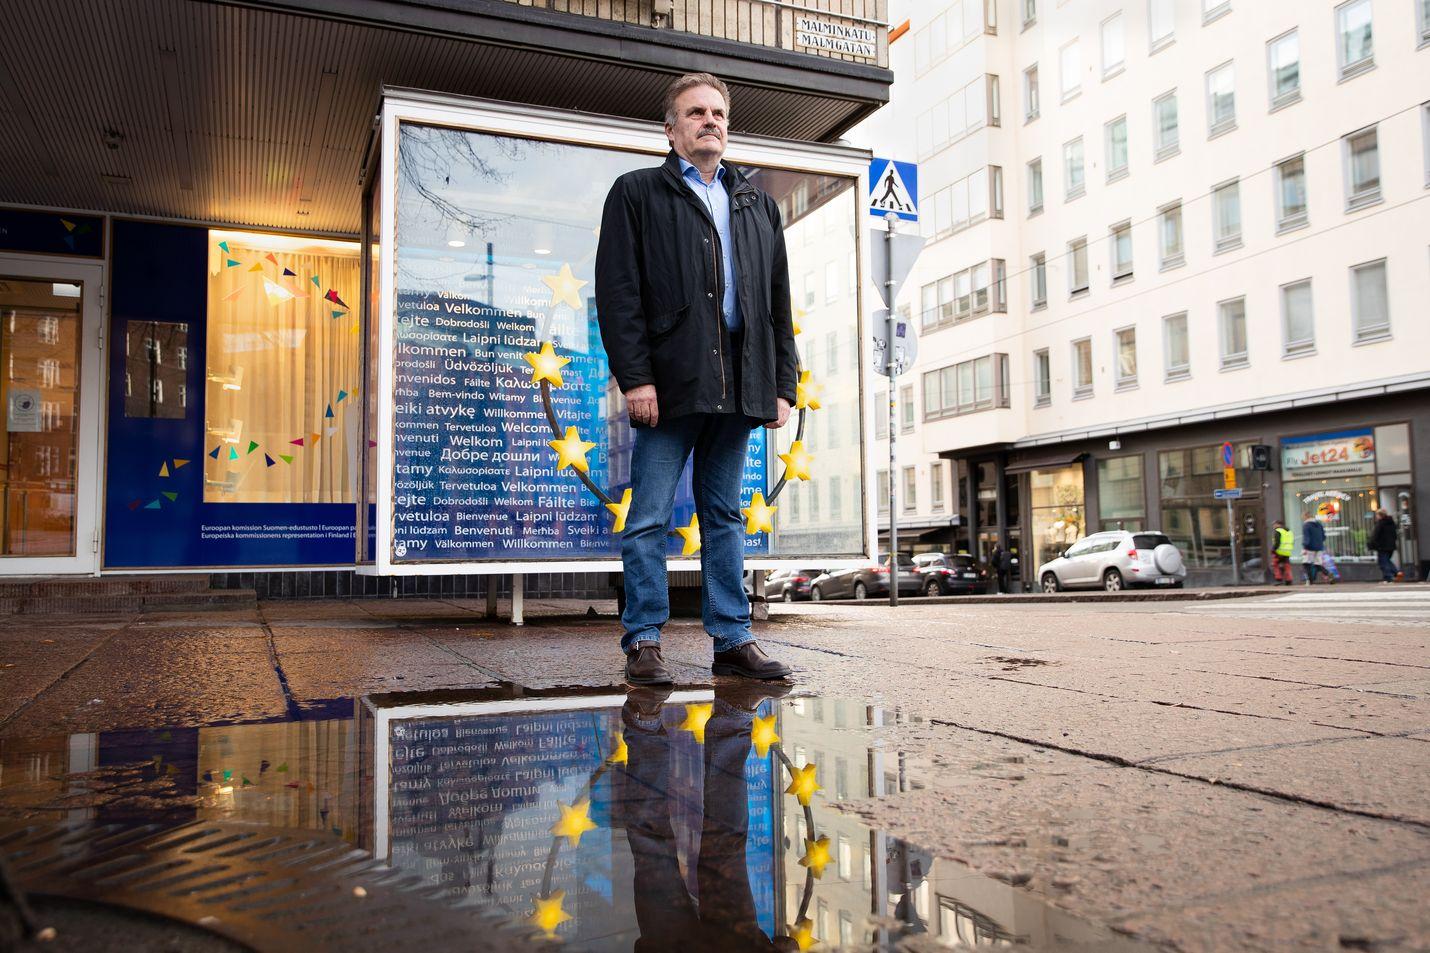 EU-komission Suomen edustuston päällikkö Antti Peltomäki kertoo, että EU pystyi auttamaan esimerkiksi kansalaisten kotiuttamisessa koronapandemian alussa.